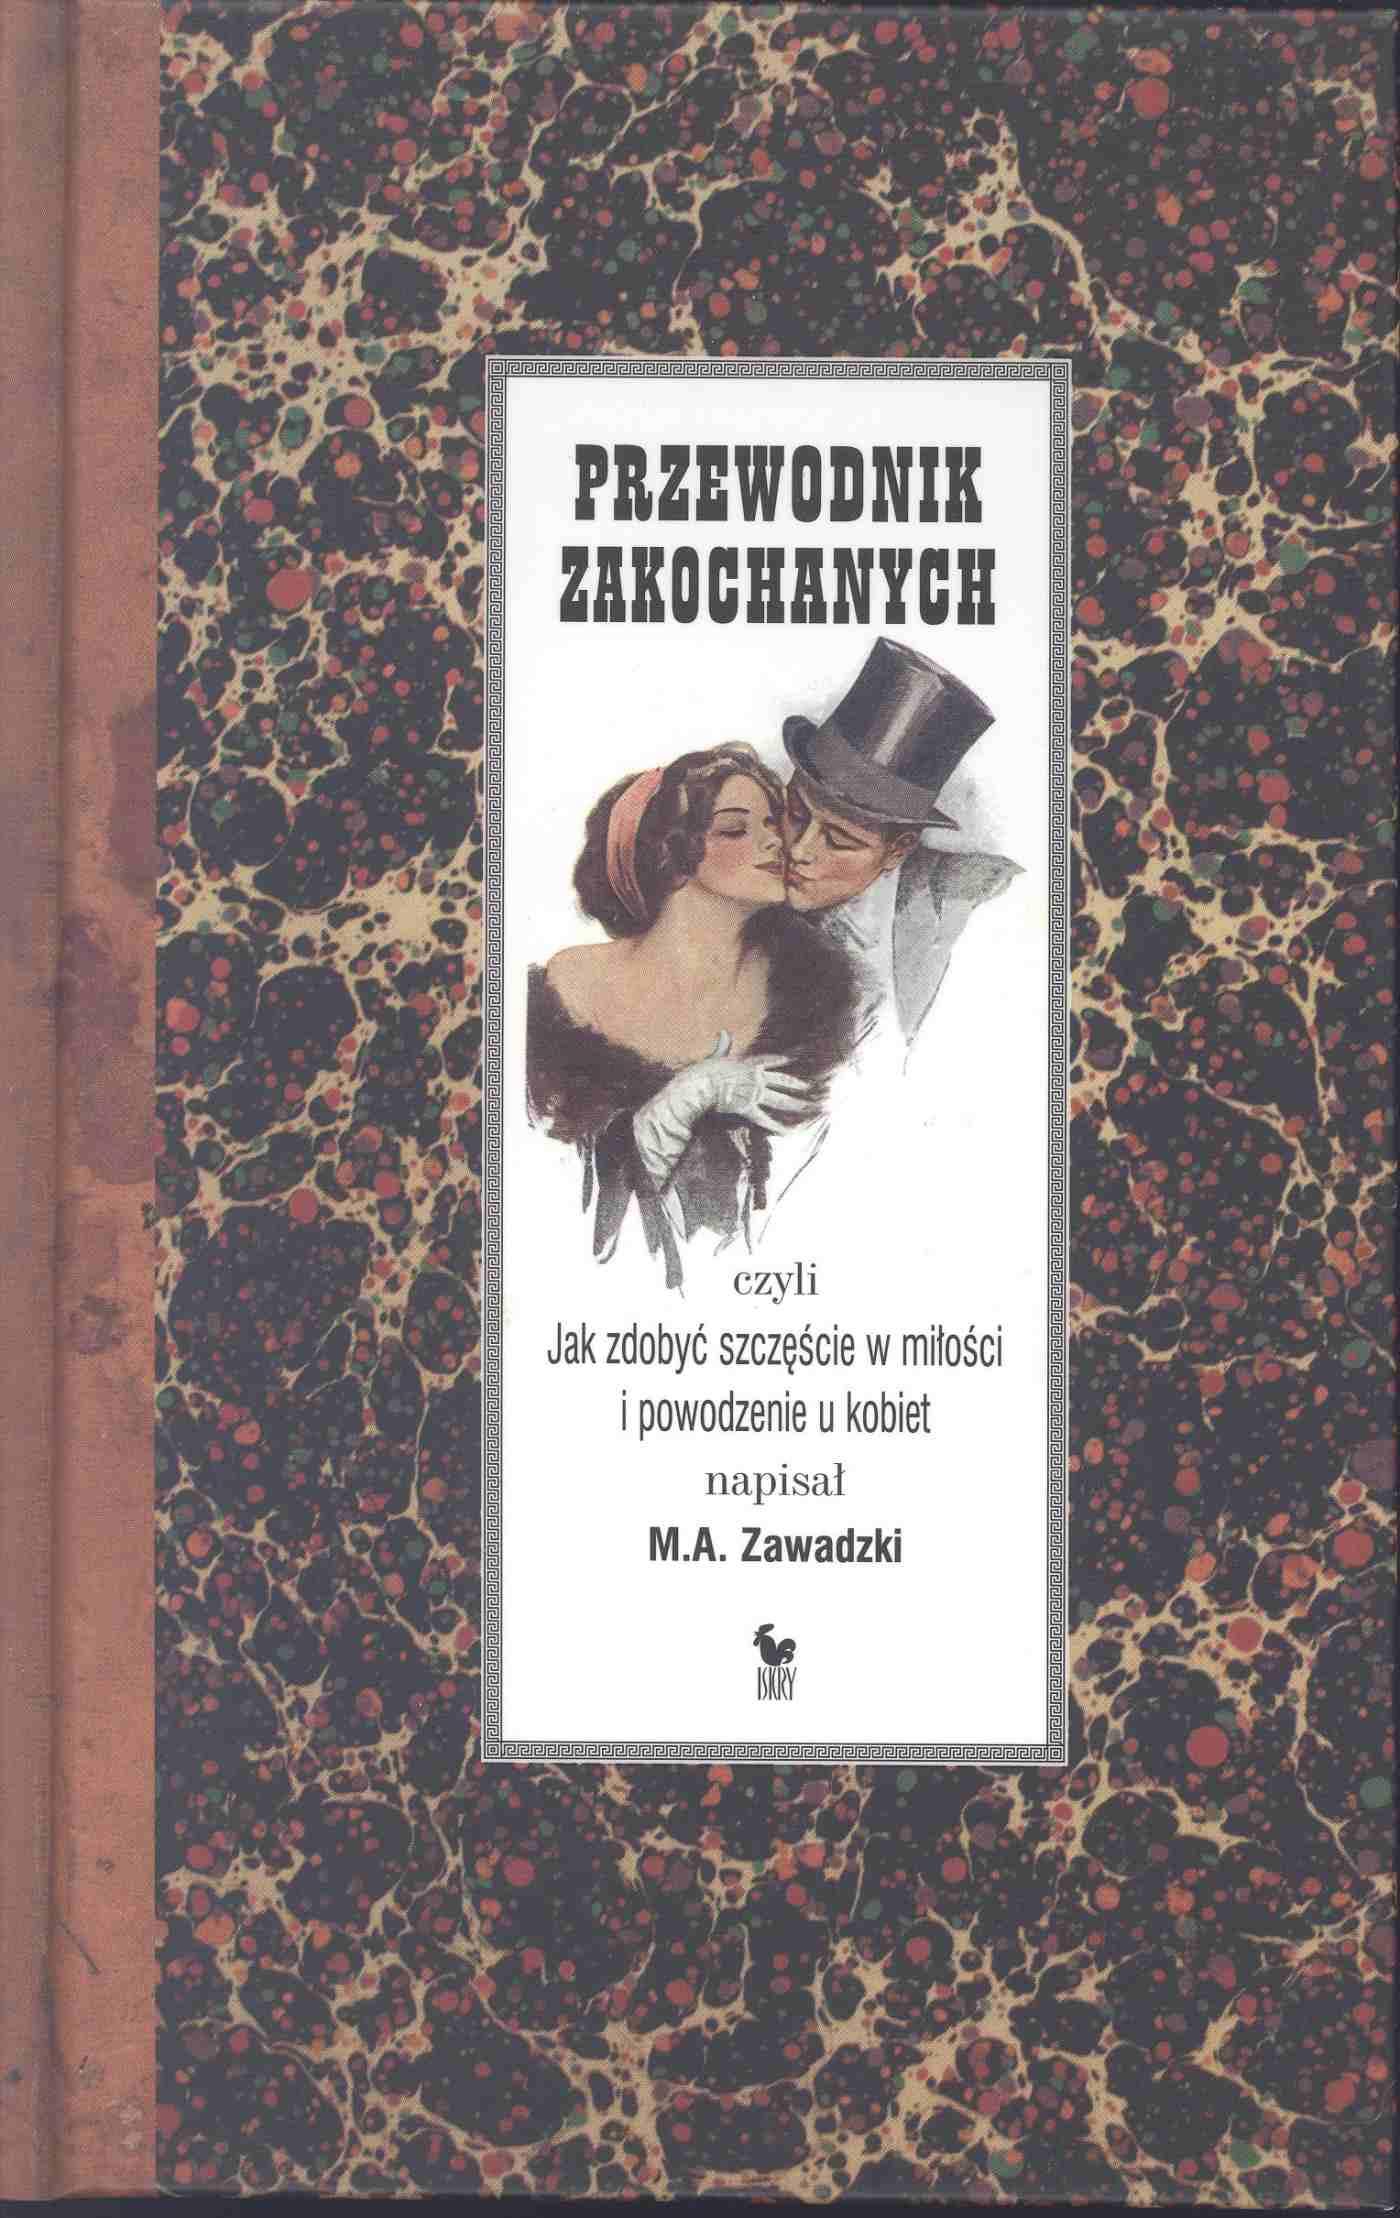 Przewodnik zakochanych, czyli jak zdobyć szczęście w miłości i powodzenie u kobiet - Ebook (Książka na Kindle) do pobrania w formacie MOBI